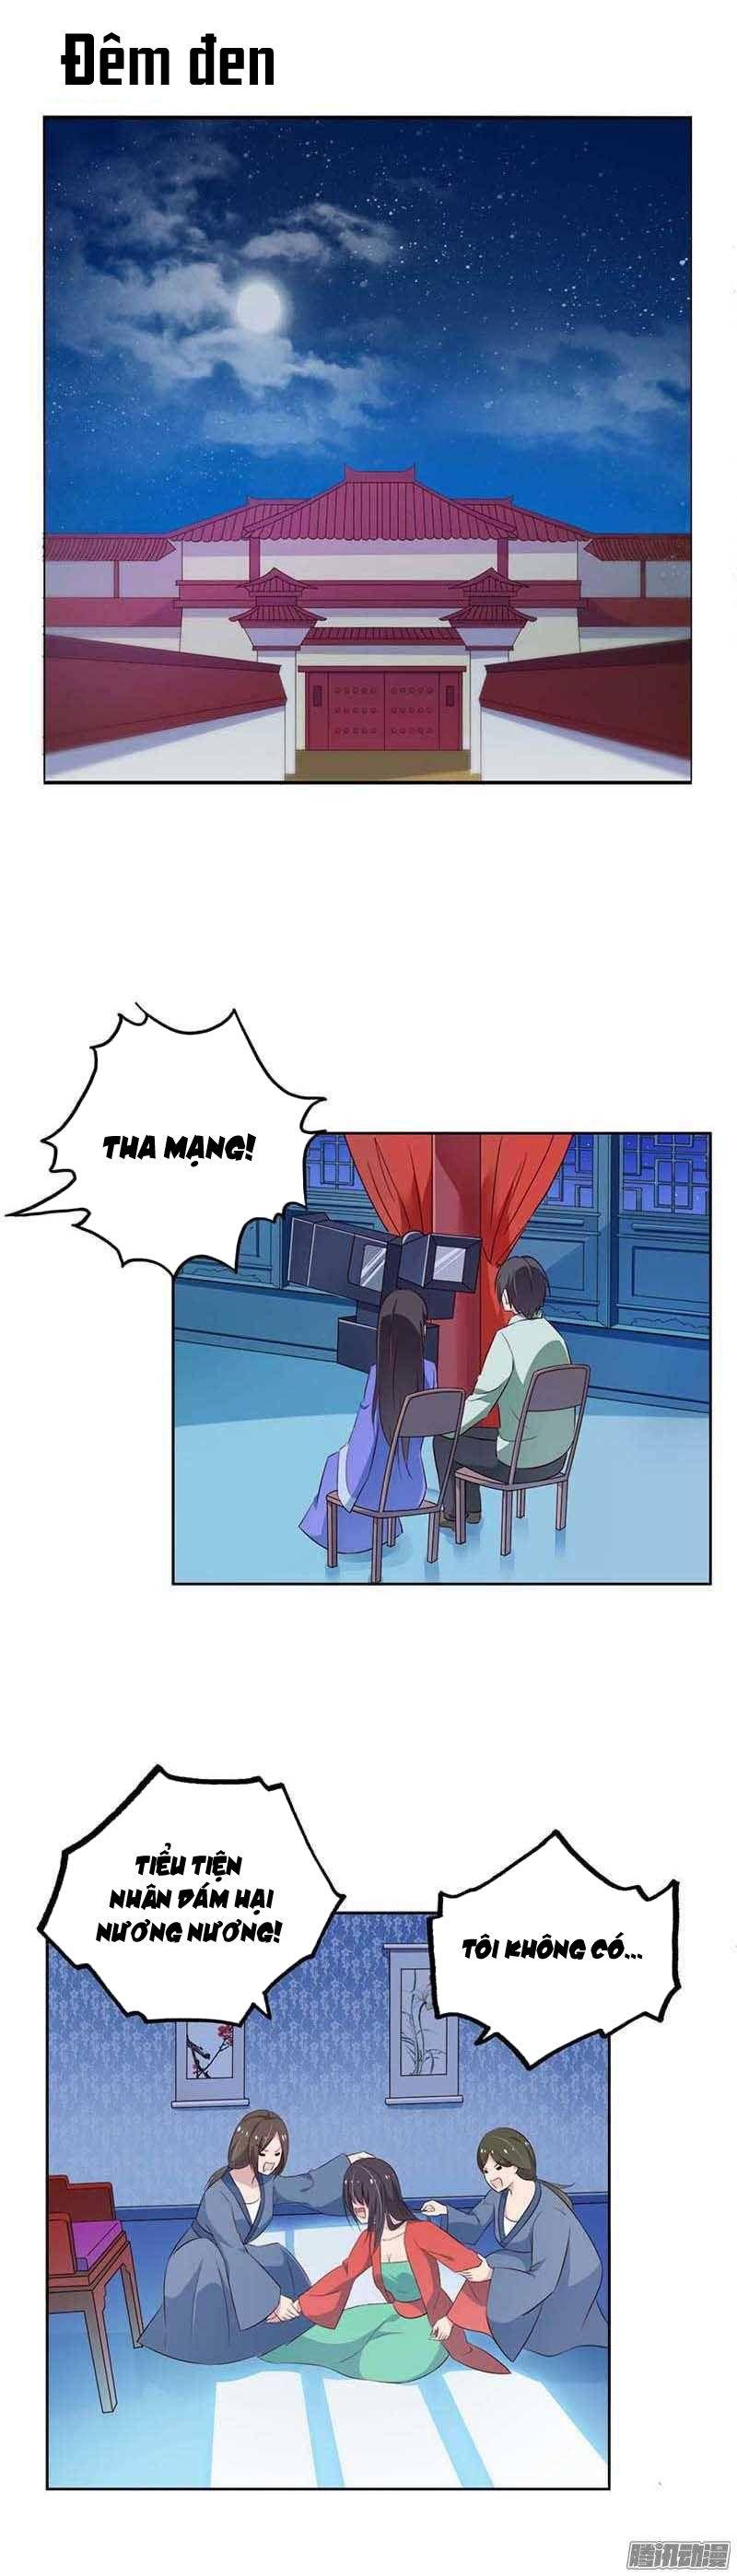 Bạn Trai Minh Tinh Bức Yêu – Chap 21